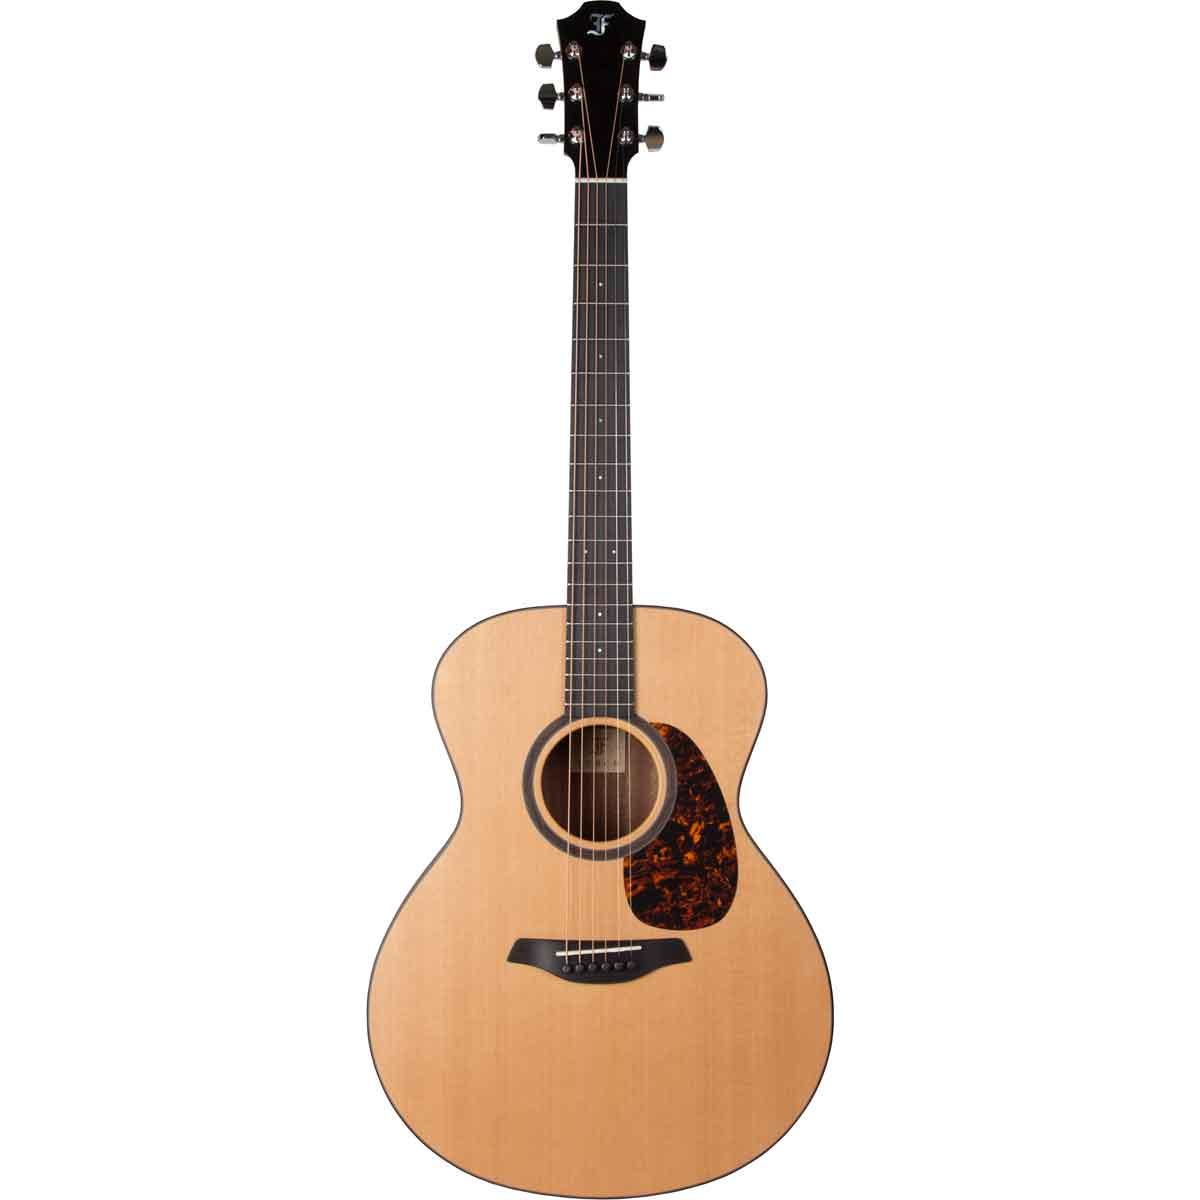 Furch Indigo Deluxe G-CY western-guitar